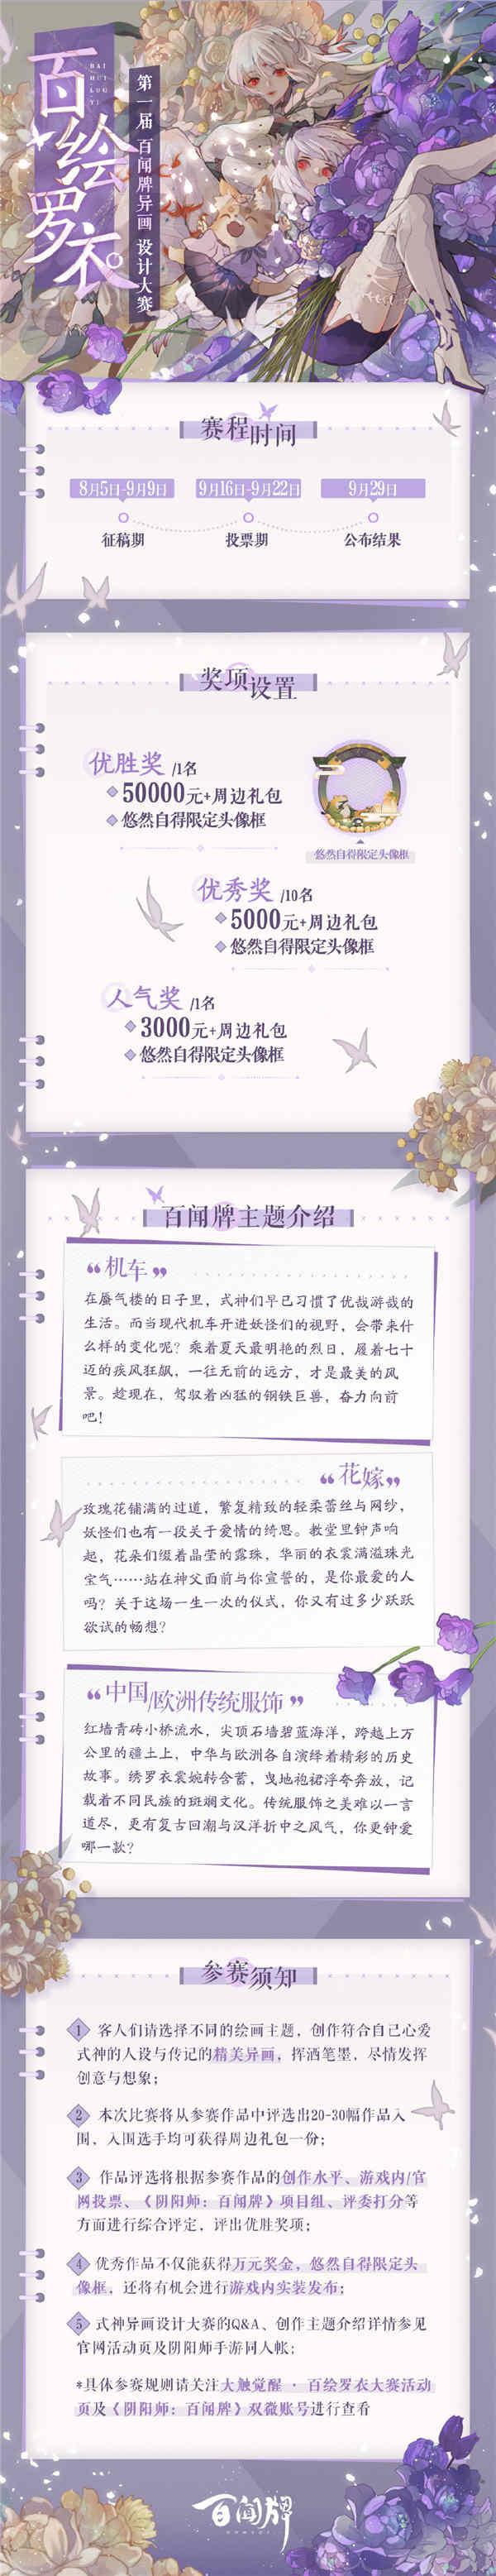 阴阳师百闻牌第一届异画设计大赛